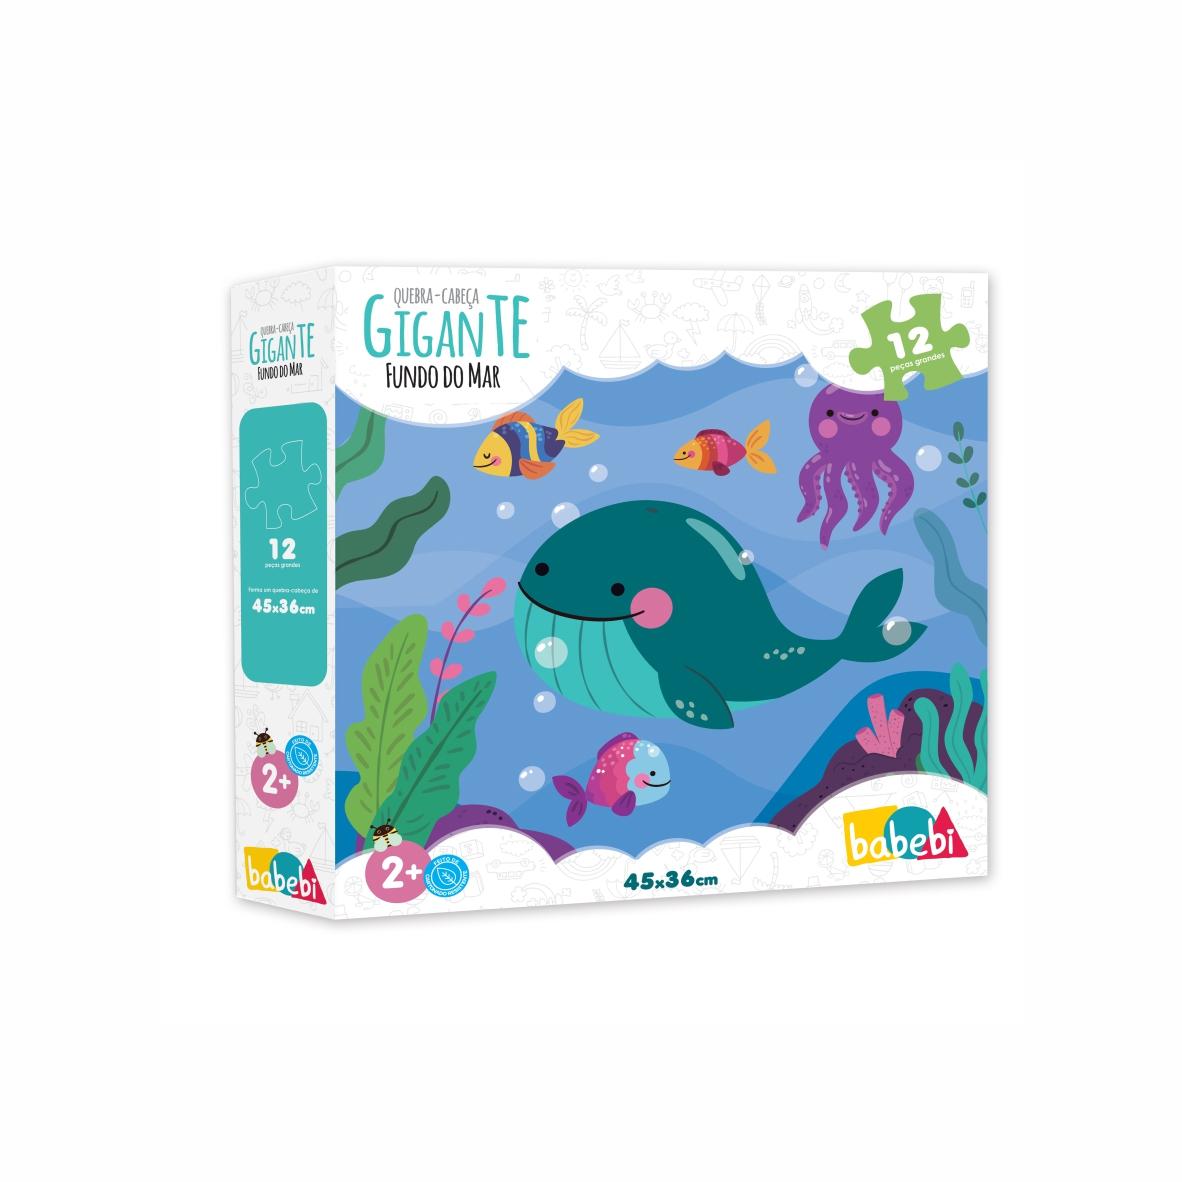 quebra-cabeca-gigante-fundo-do-mar-babebi